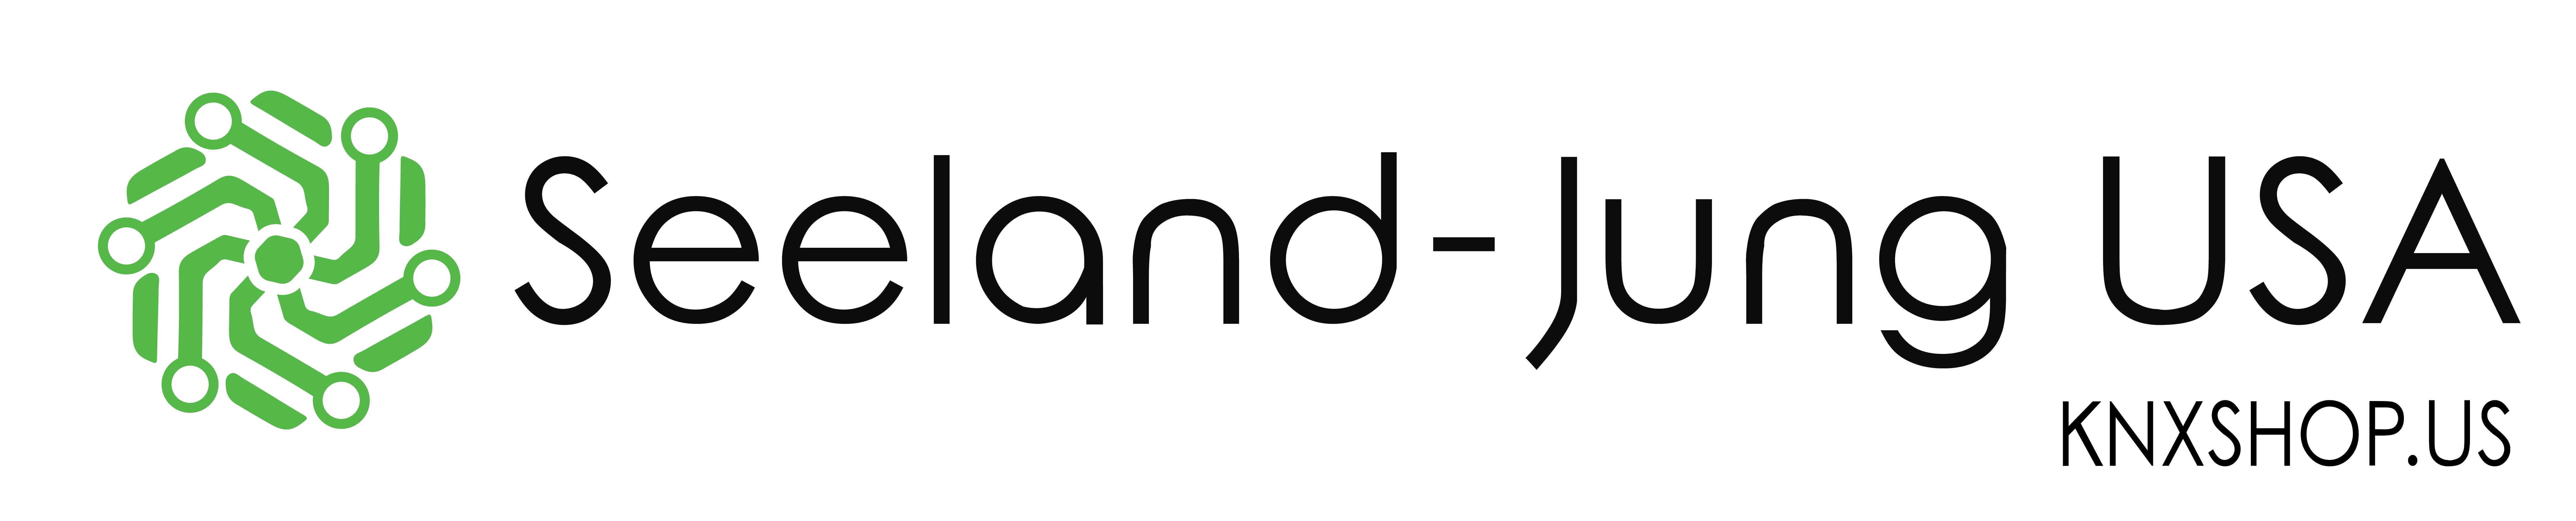 Seeland Jung Usa